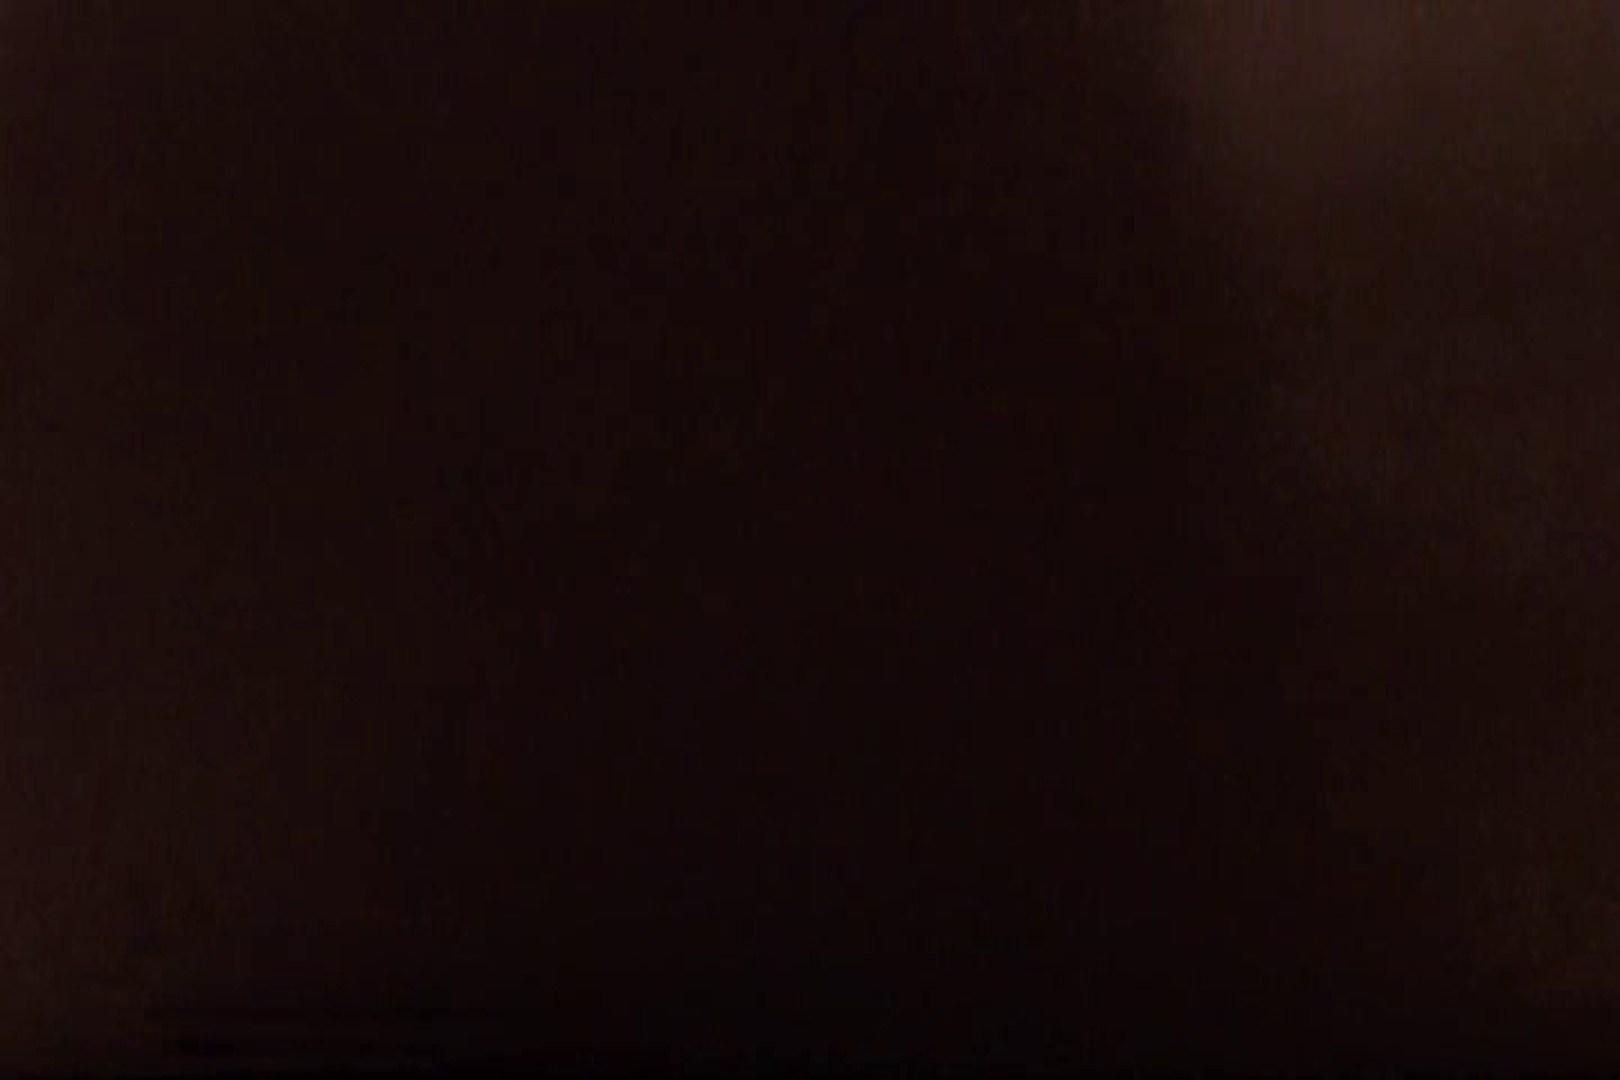 独占配信! ●罪証拠DVD 起きません! vol.06 OLのエロ生活   イタズラ  47連発 25